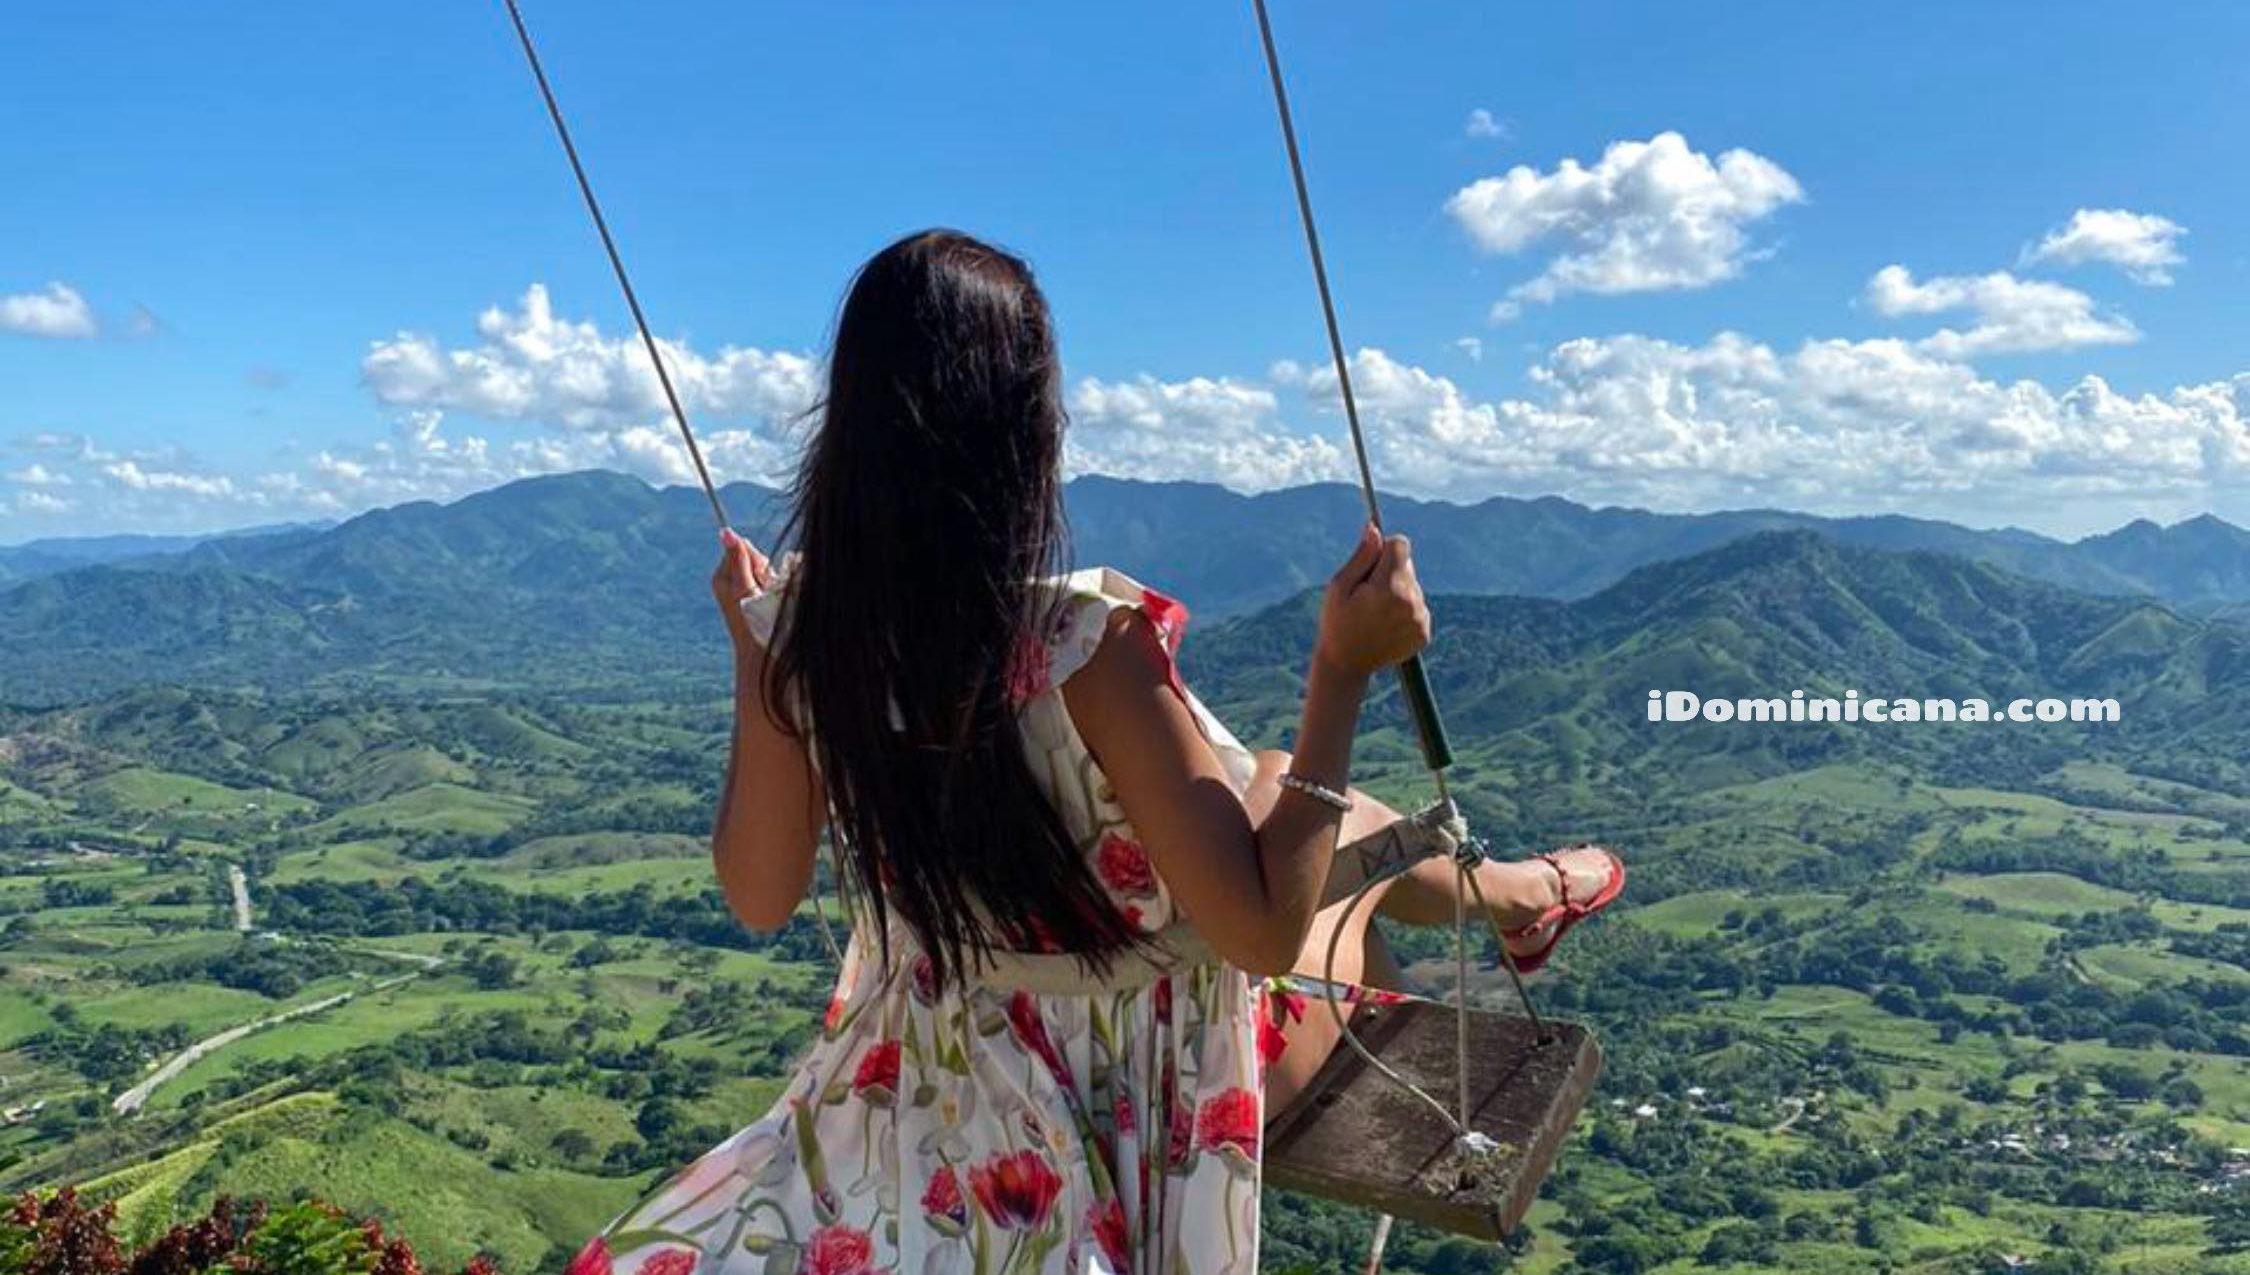 Гора Редонда + ATV-сафари: новые фото наших туристов (ноябрь, декабрь) iDominicana.com